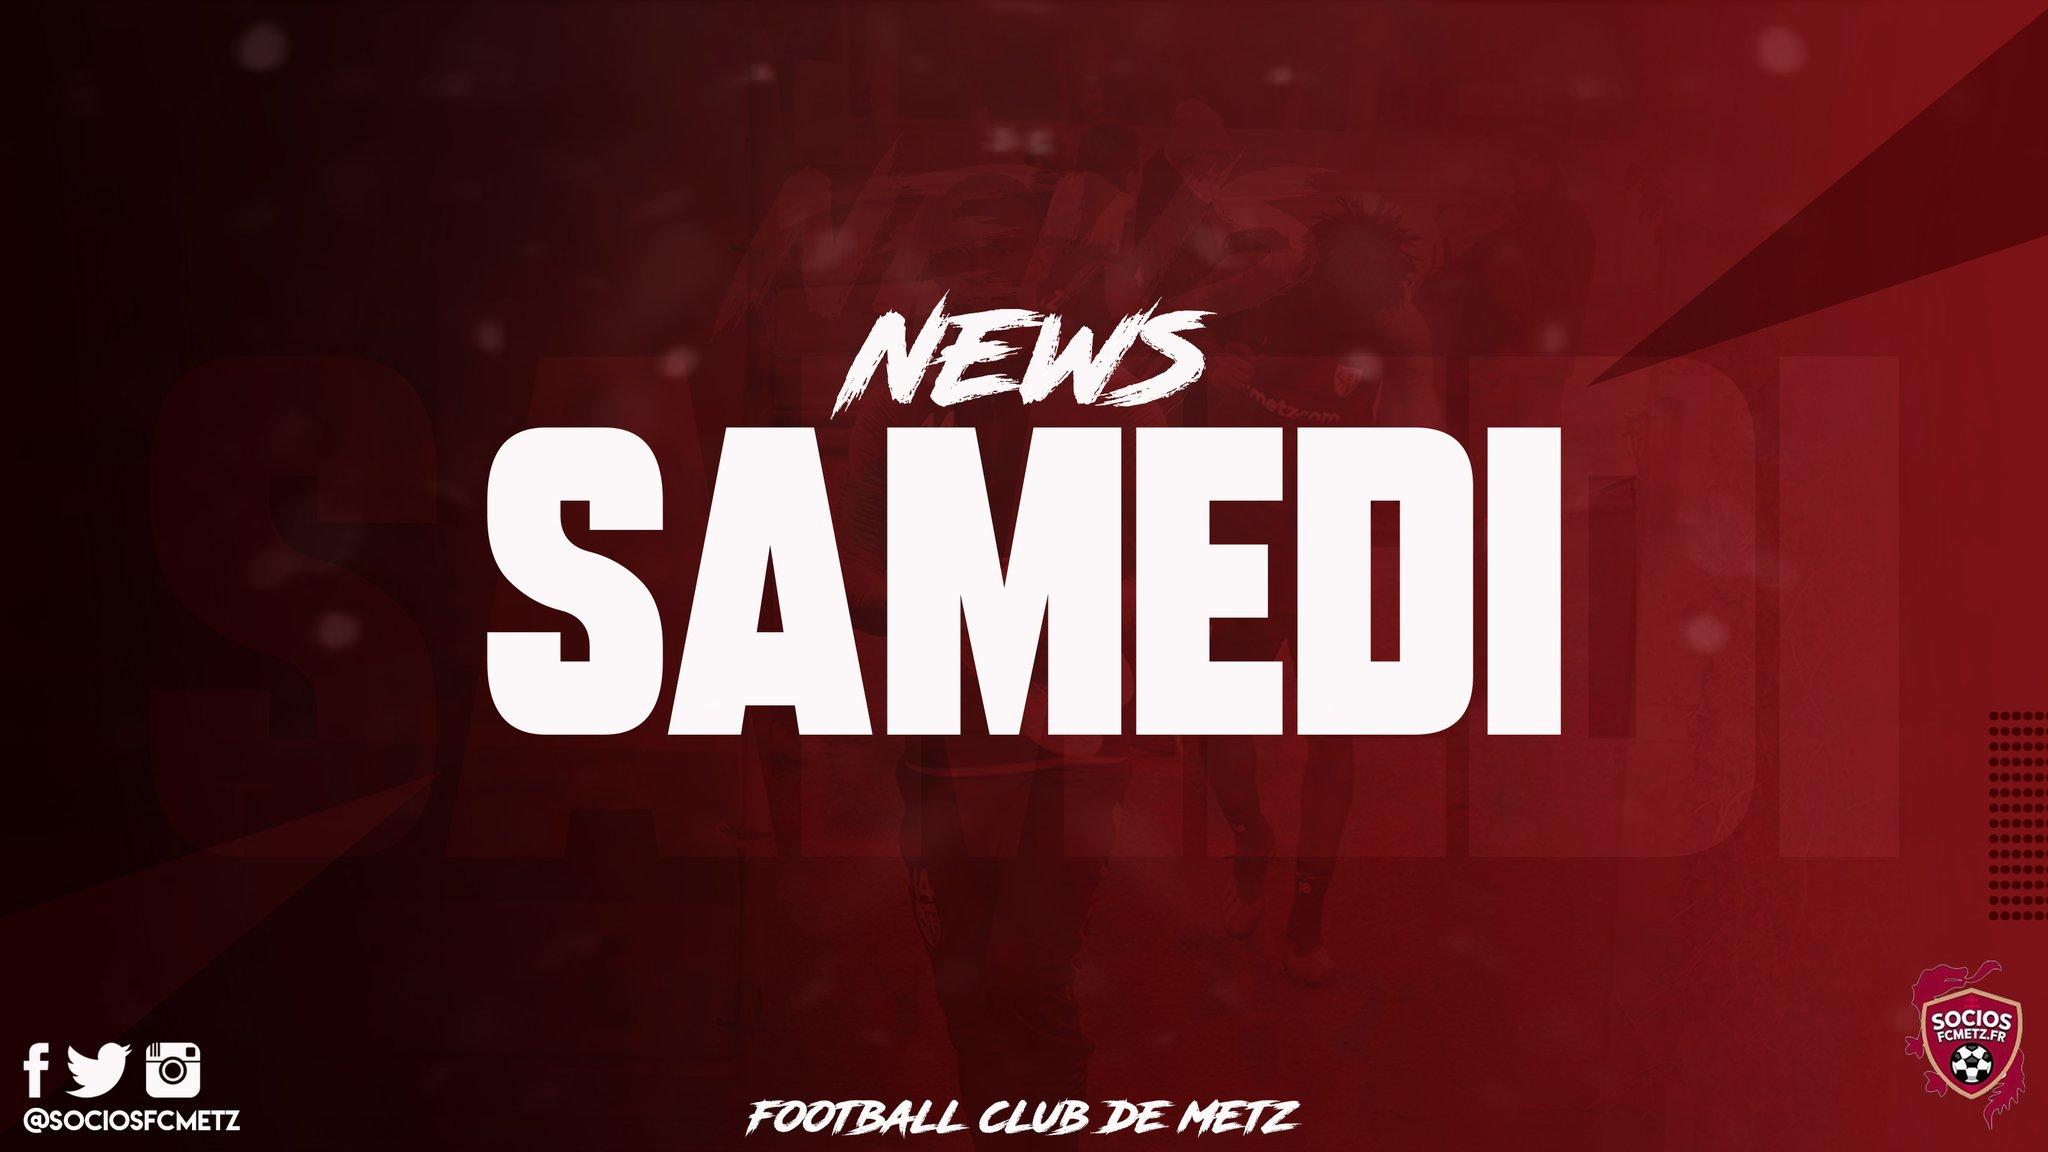 News Samedi